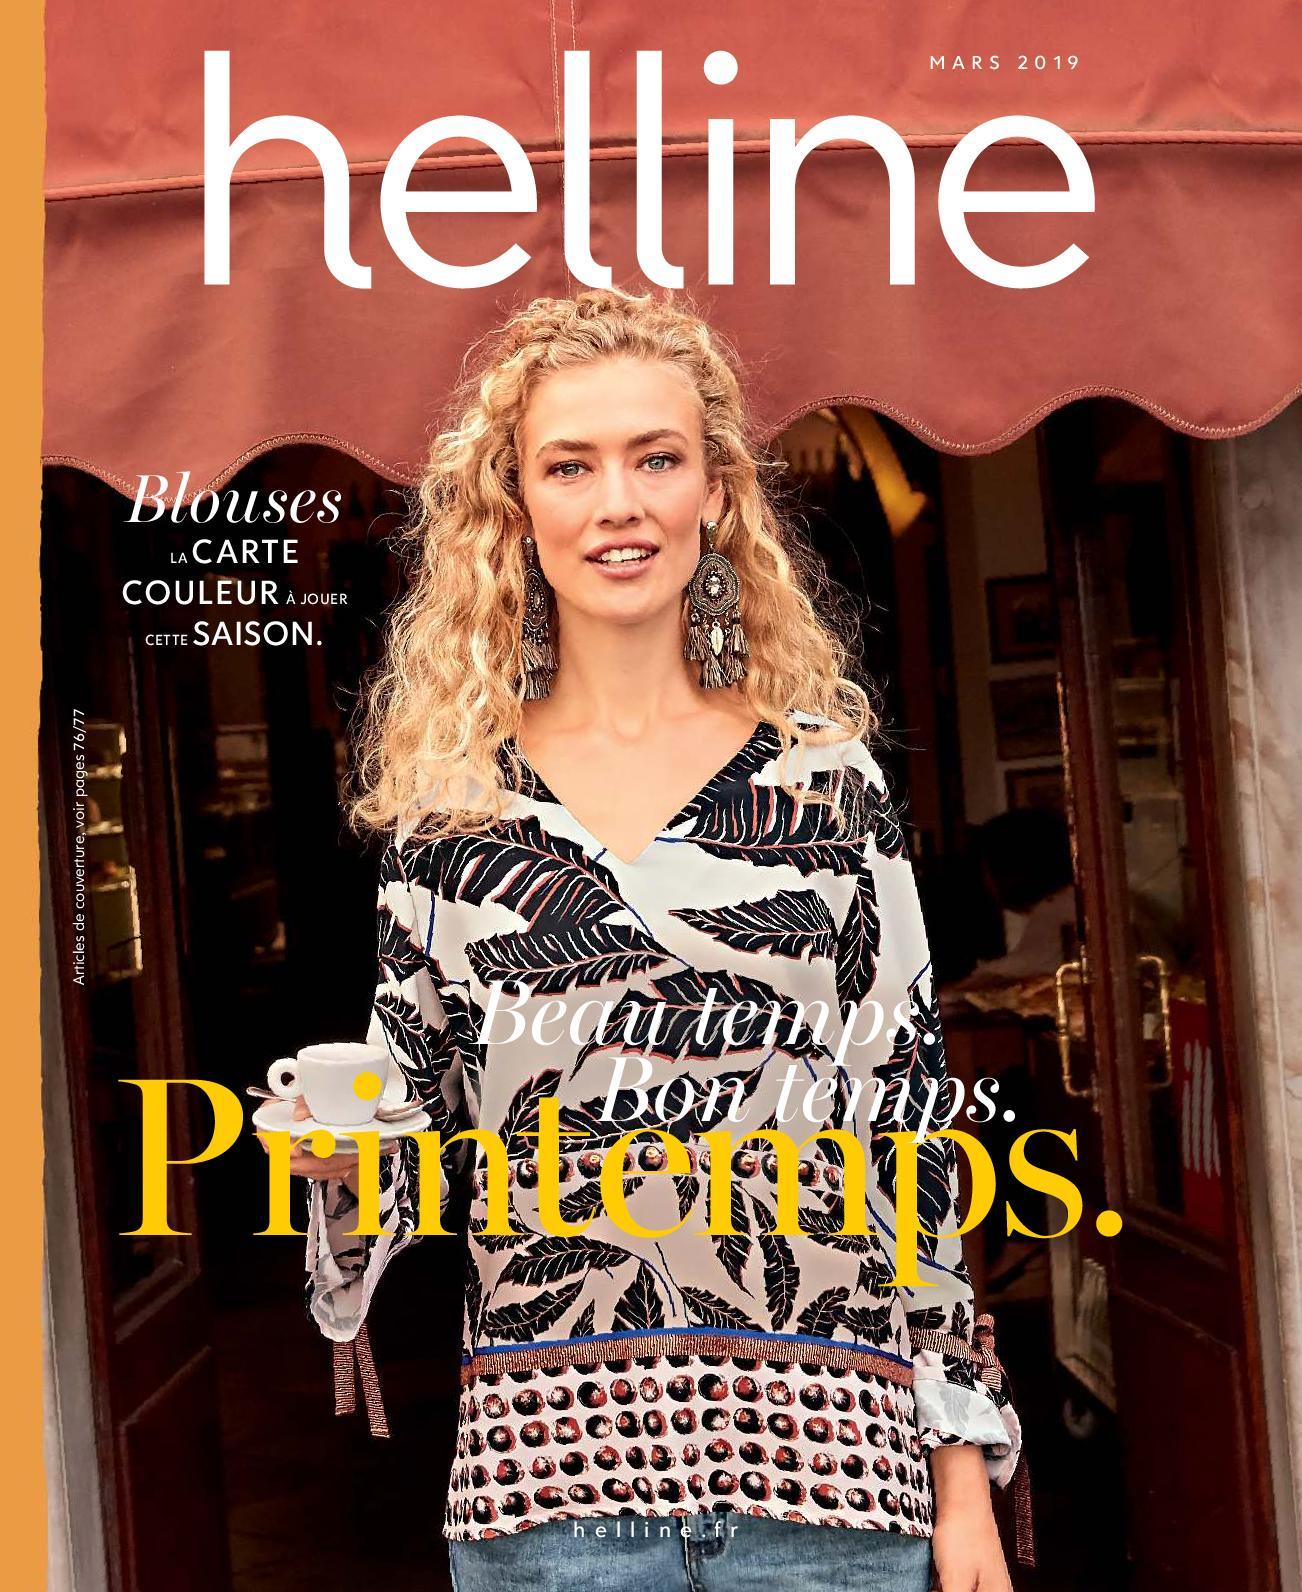 Mars Helline 2019 Catalogue Calaméo Consulter Fcu1lKTJ3